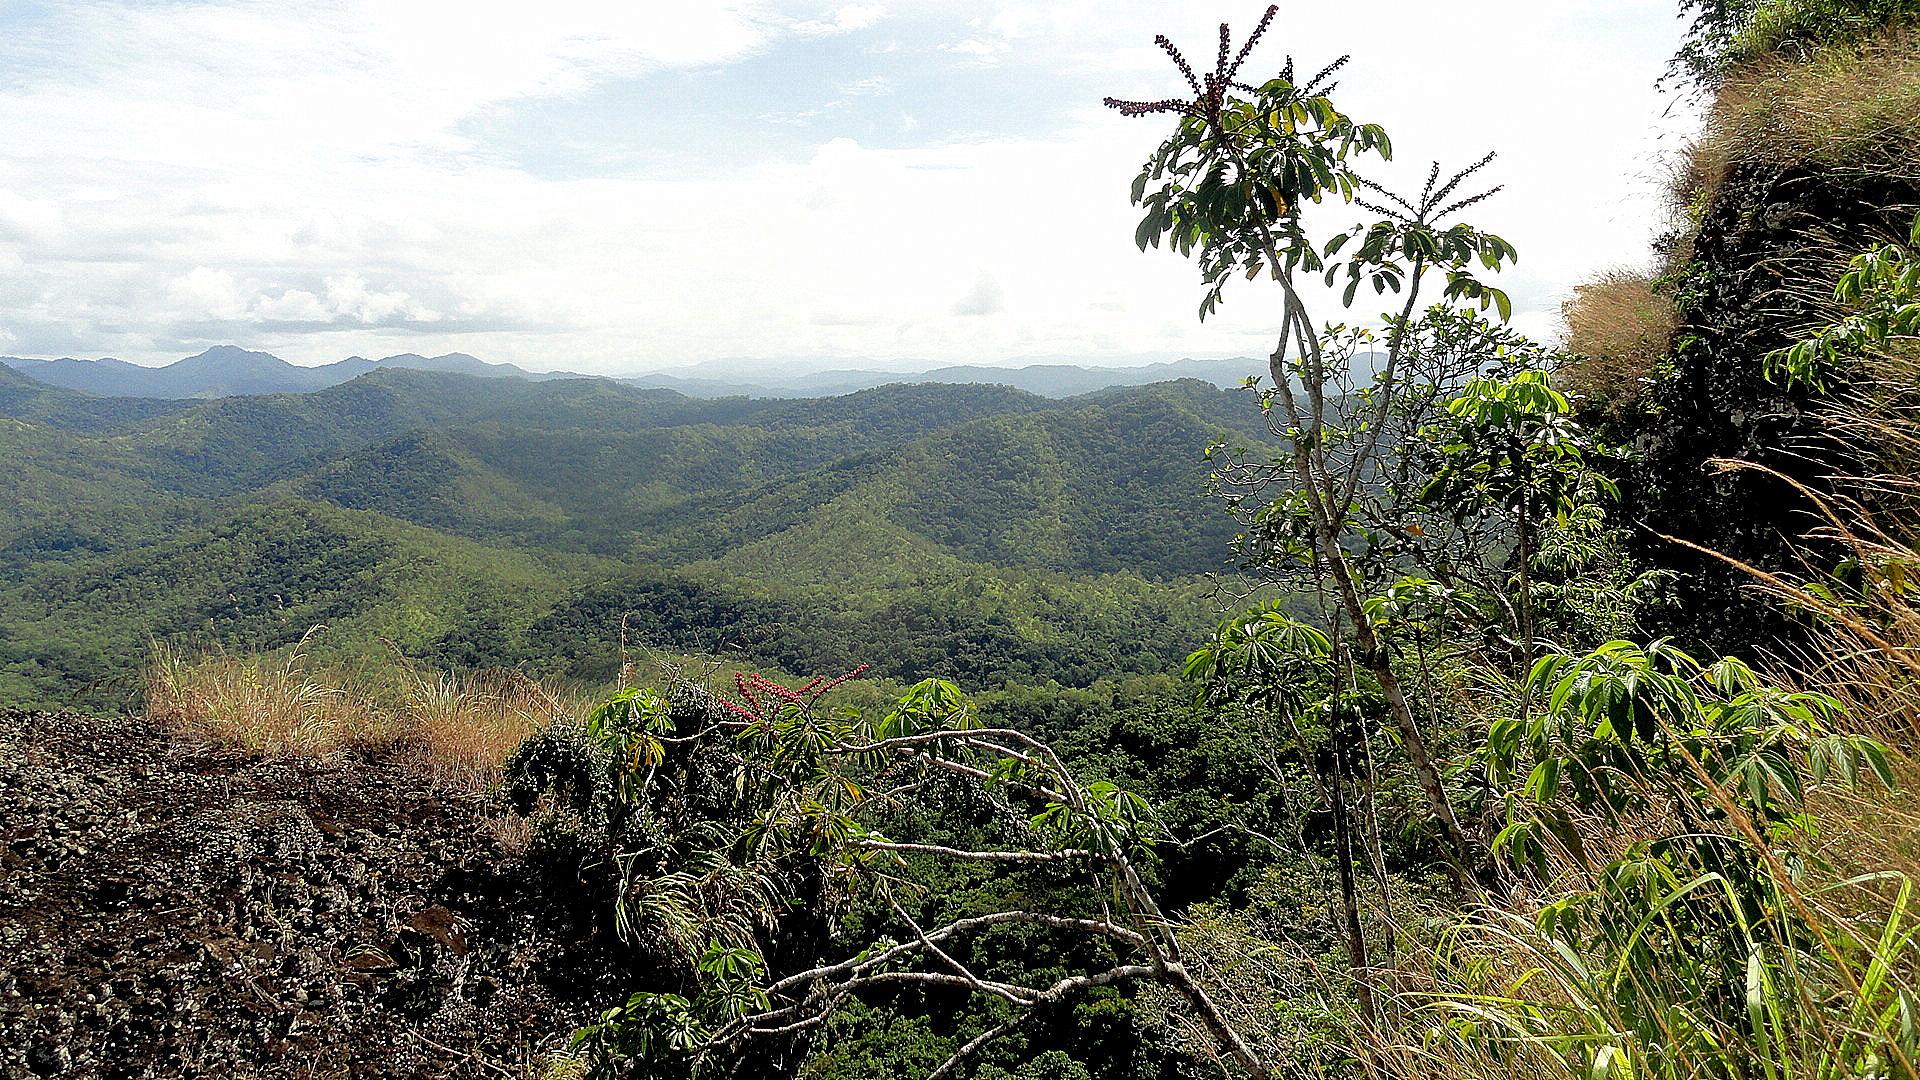 Vista from RP Walk